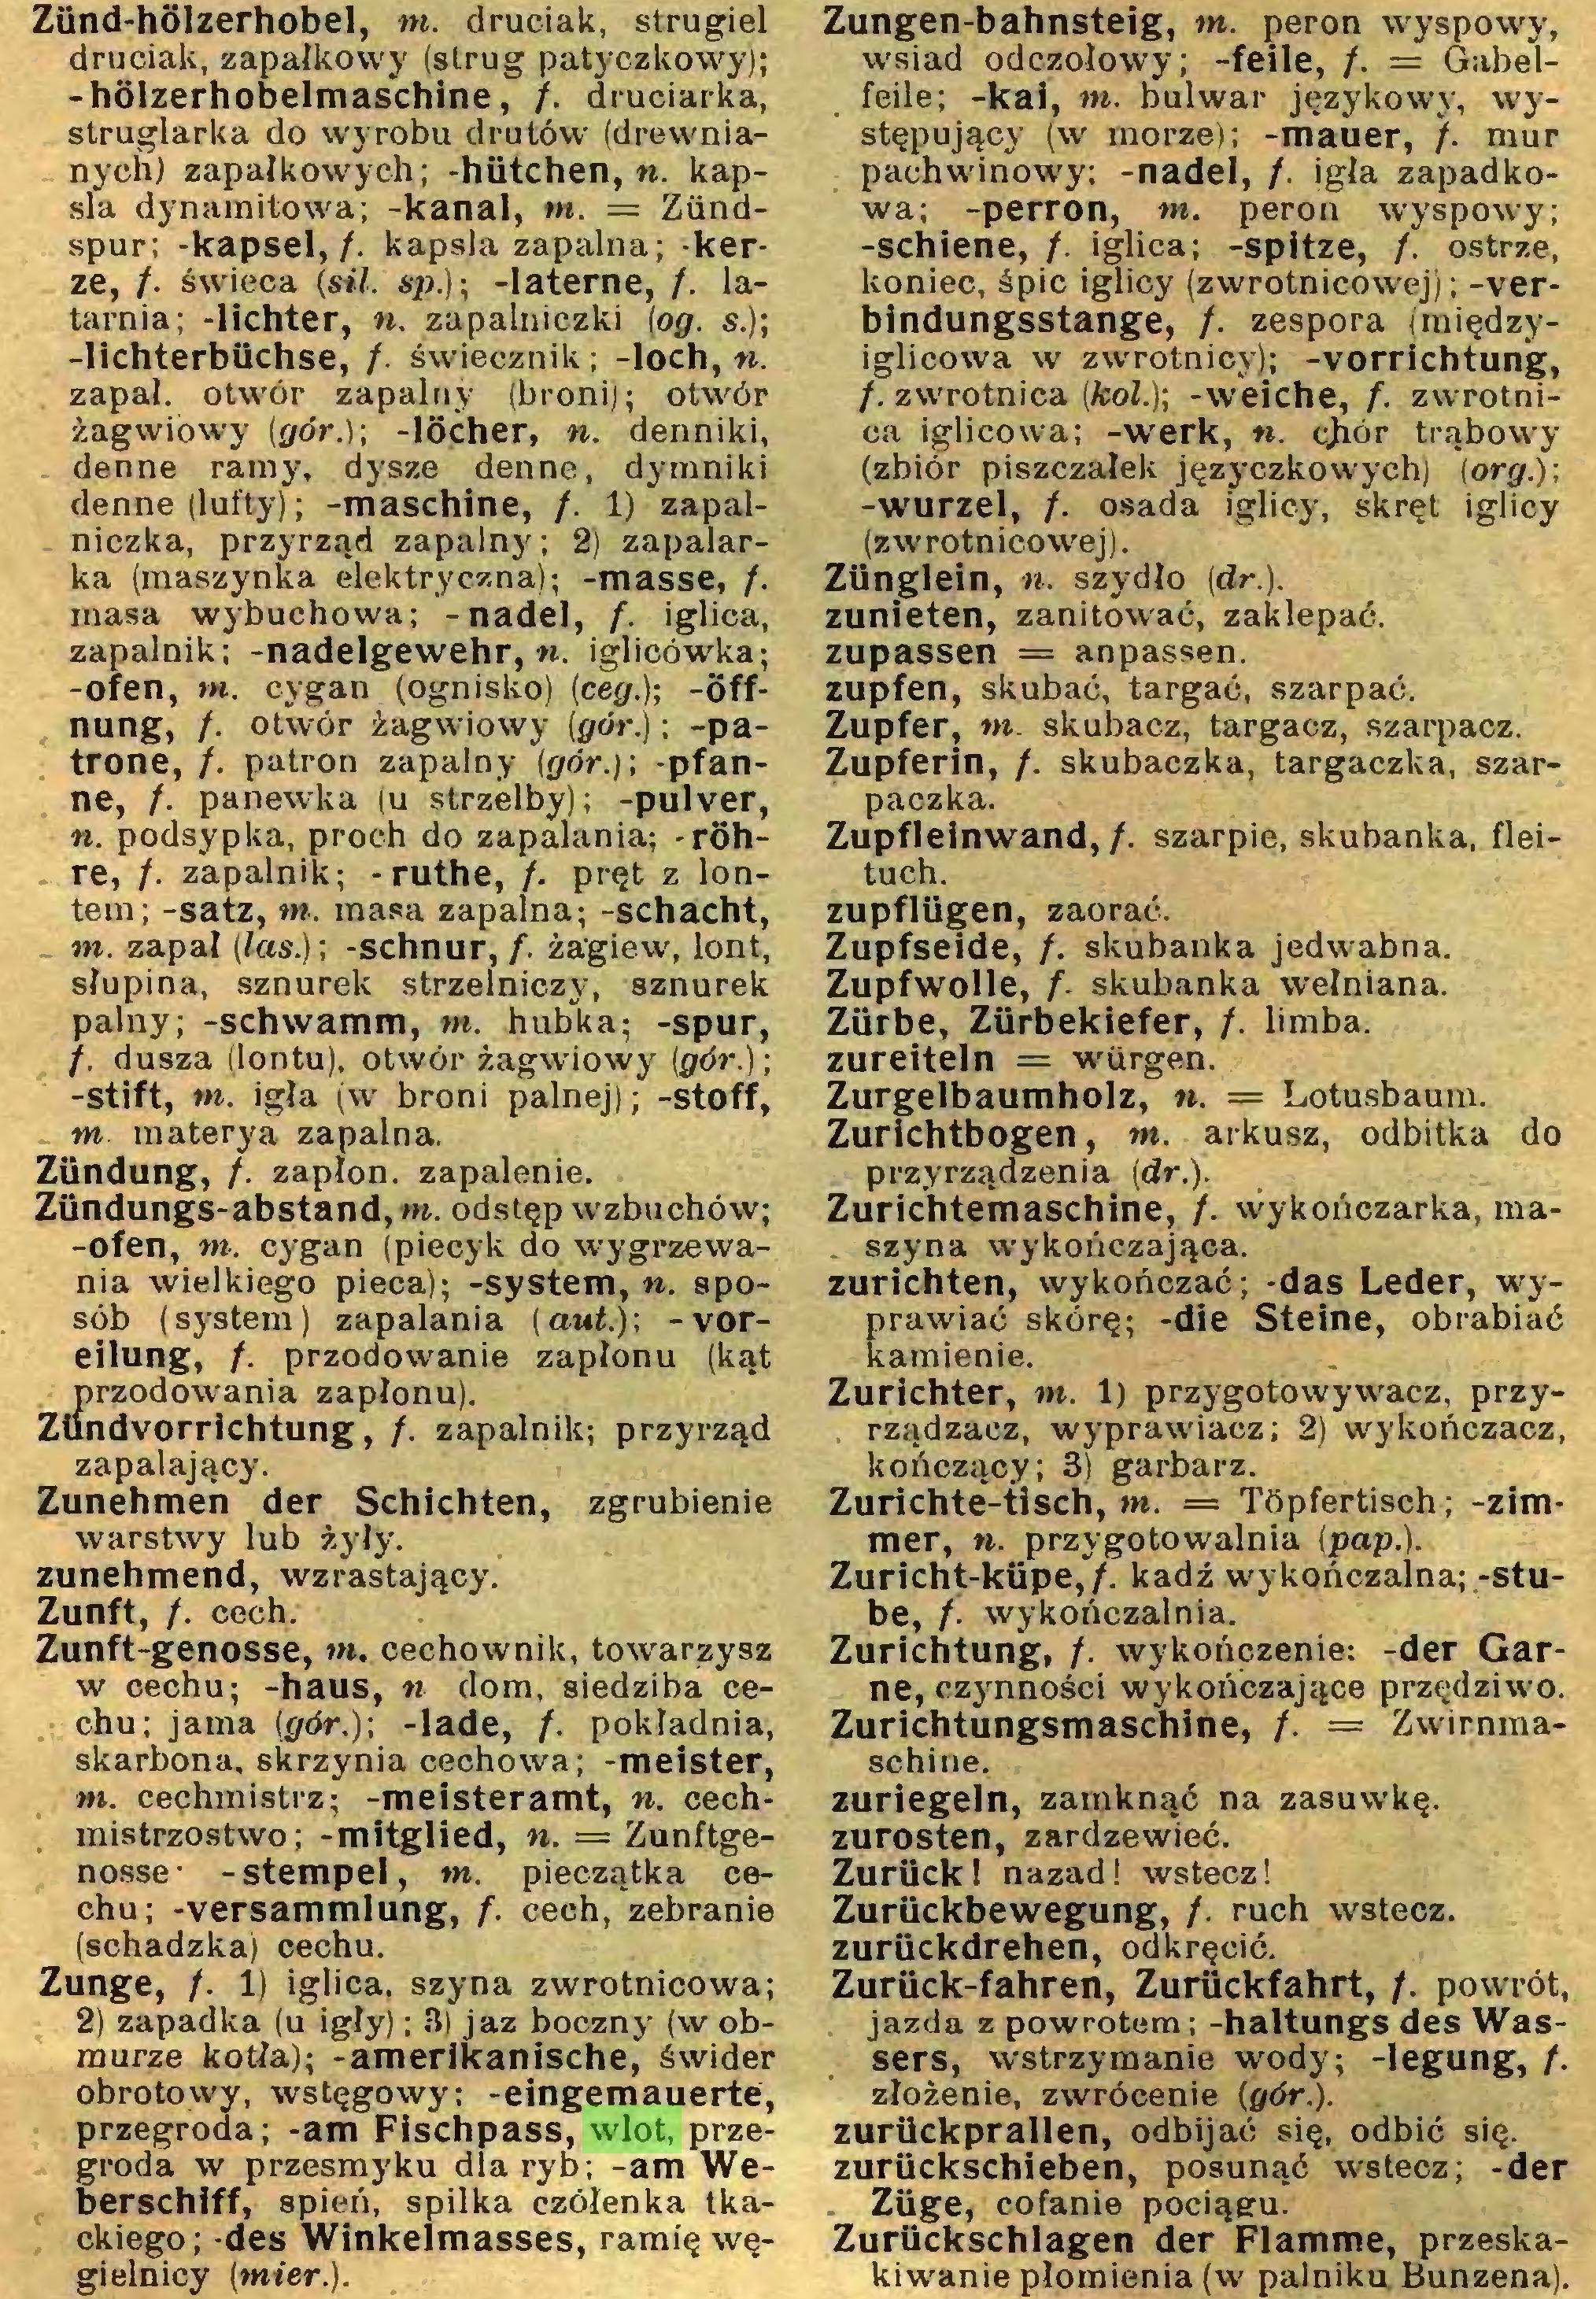 (...) Zunge, /. 1) iglica, szyna zwrotnicowa; 2) zapadka (u igły); 3) jaz boczny (w obmurze kotła); -amerikanische,' świder obrotowy, wstęgowy; -eingemauerte, przegroda; -am Fischpass, wlot, przegroda w przesmyku dla ryb; -am Weberschiff, spień, spilka czółenka tkackiego; -des Winkelmasses, ramię węgielnicy (mier.). Zungen-bahnsteig, m. peron wyspowy,...